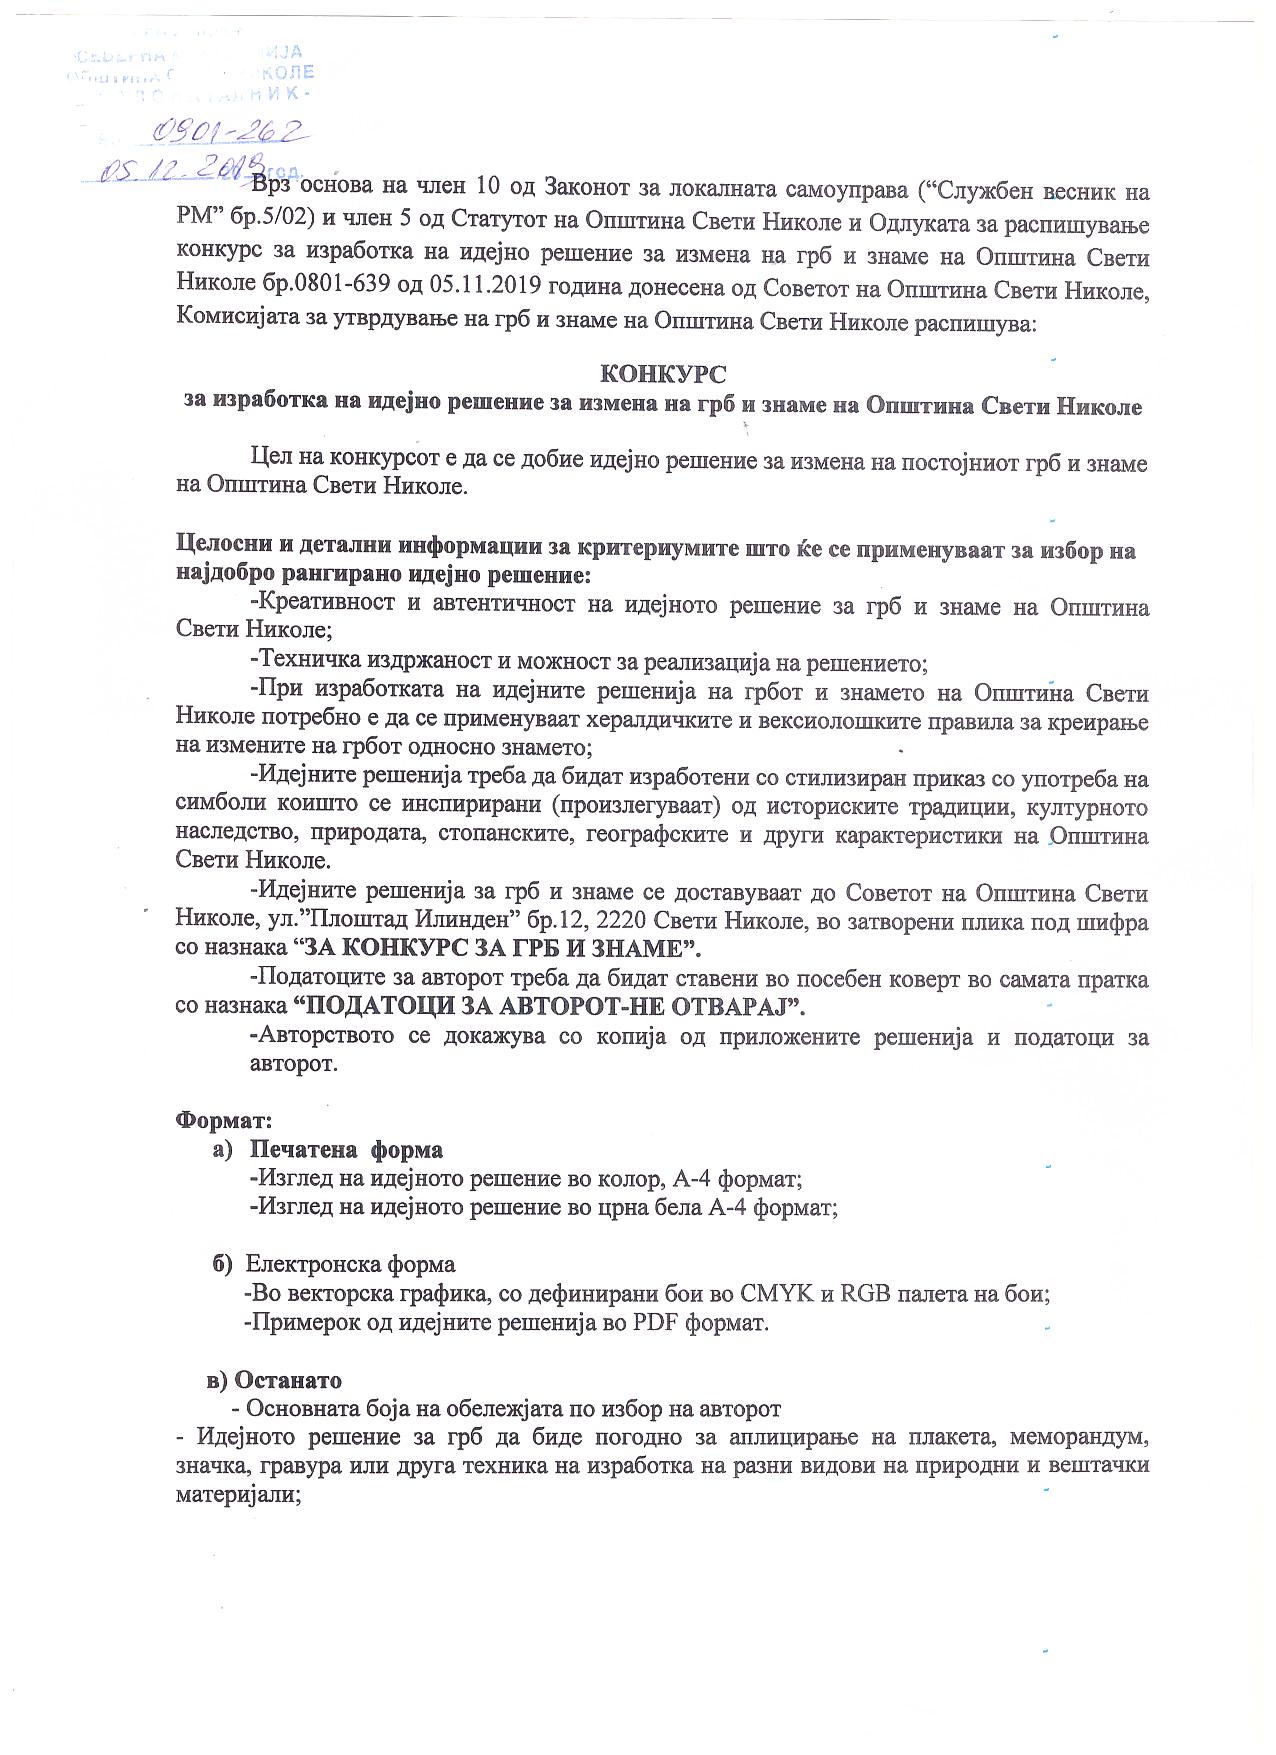 Конкурс за изработка на идејно решение за измена на грб и знаме на Општина Свети Николе